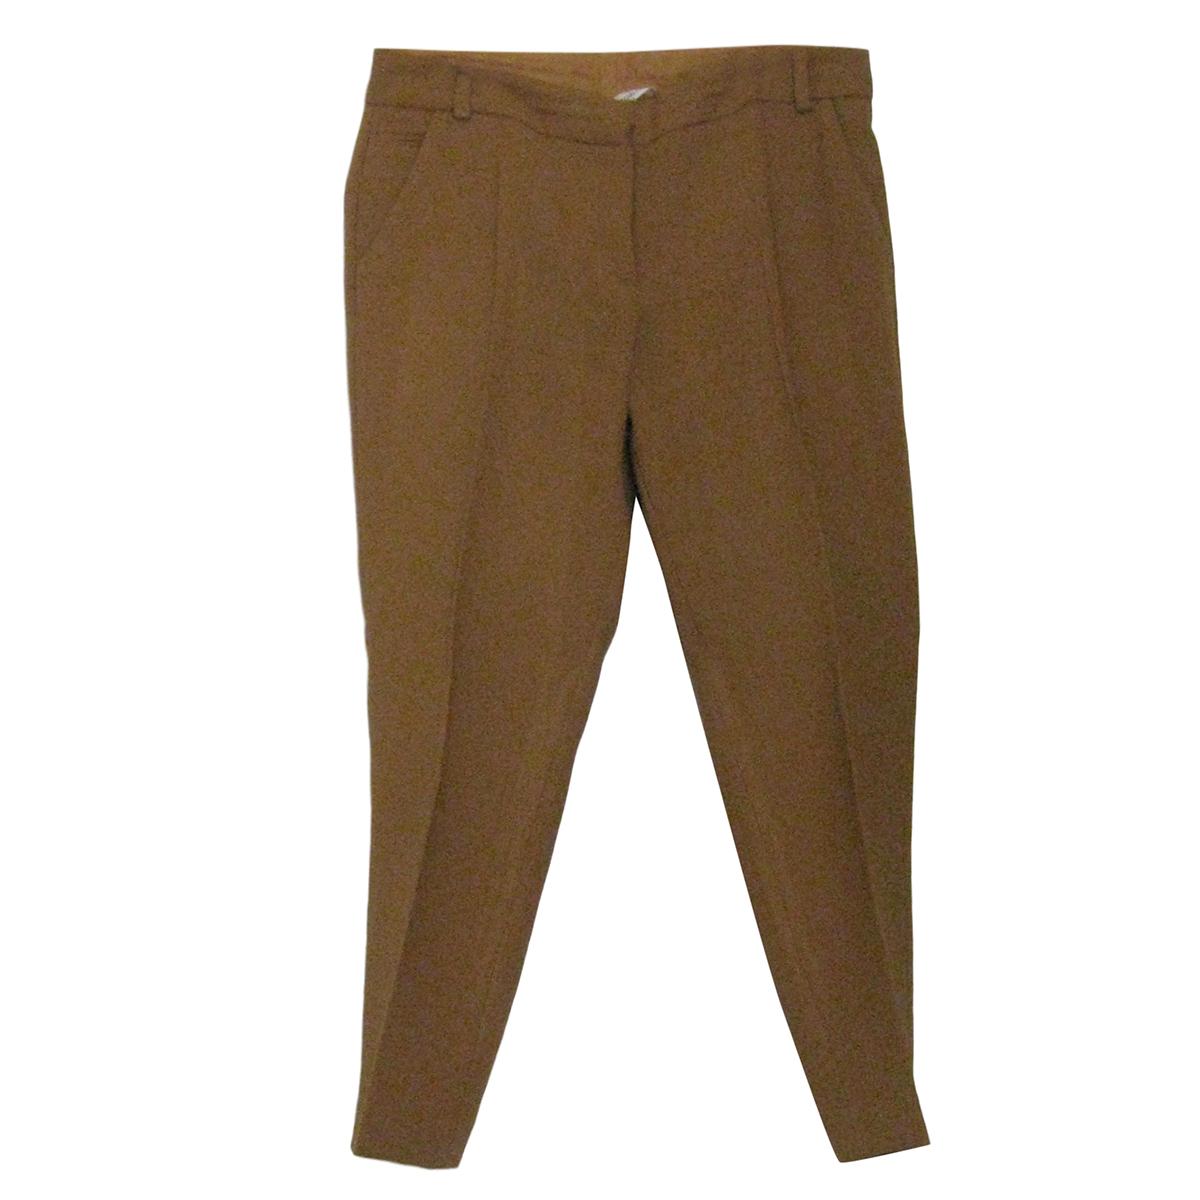 Diane Von Furstenberg Mustard Cropped Slim Fit Pants